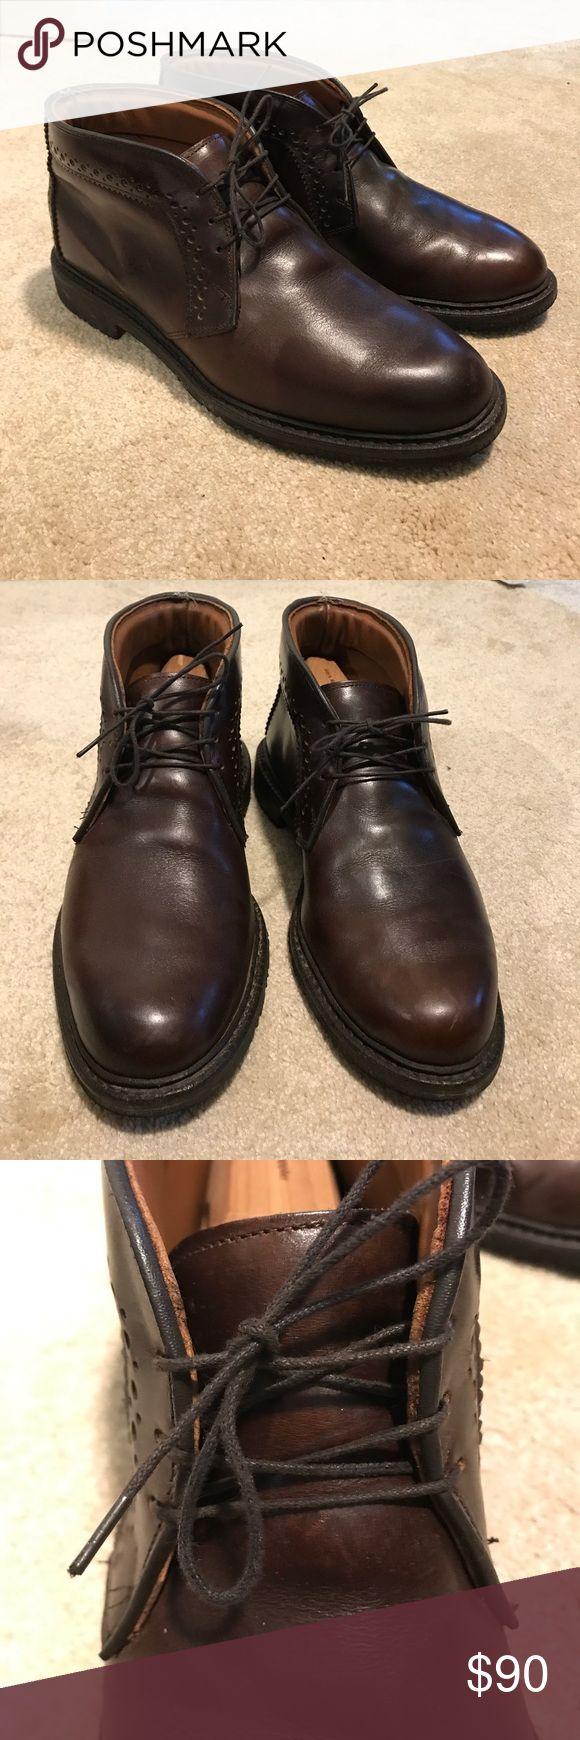 Allen Edmonds Chukka Boot Men's Brown Leather Brown leather men's Allen Edmonds Chukka boot in great condition Allen Edmonds Shoes Chukka Boots